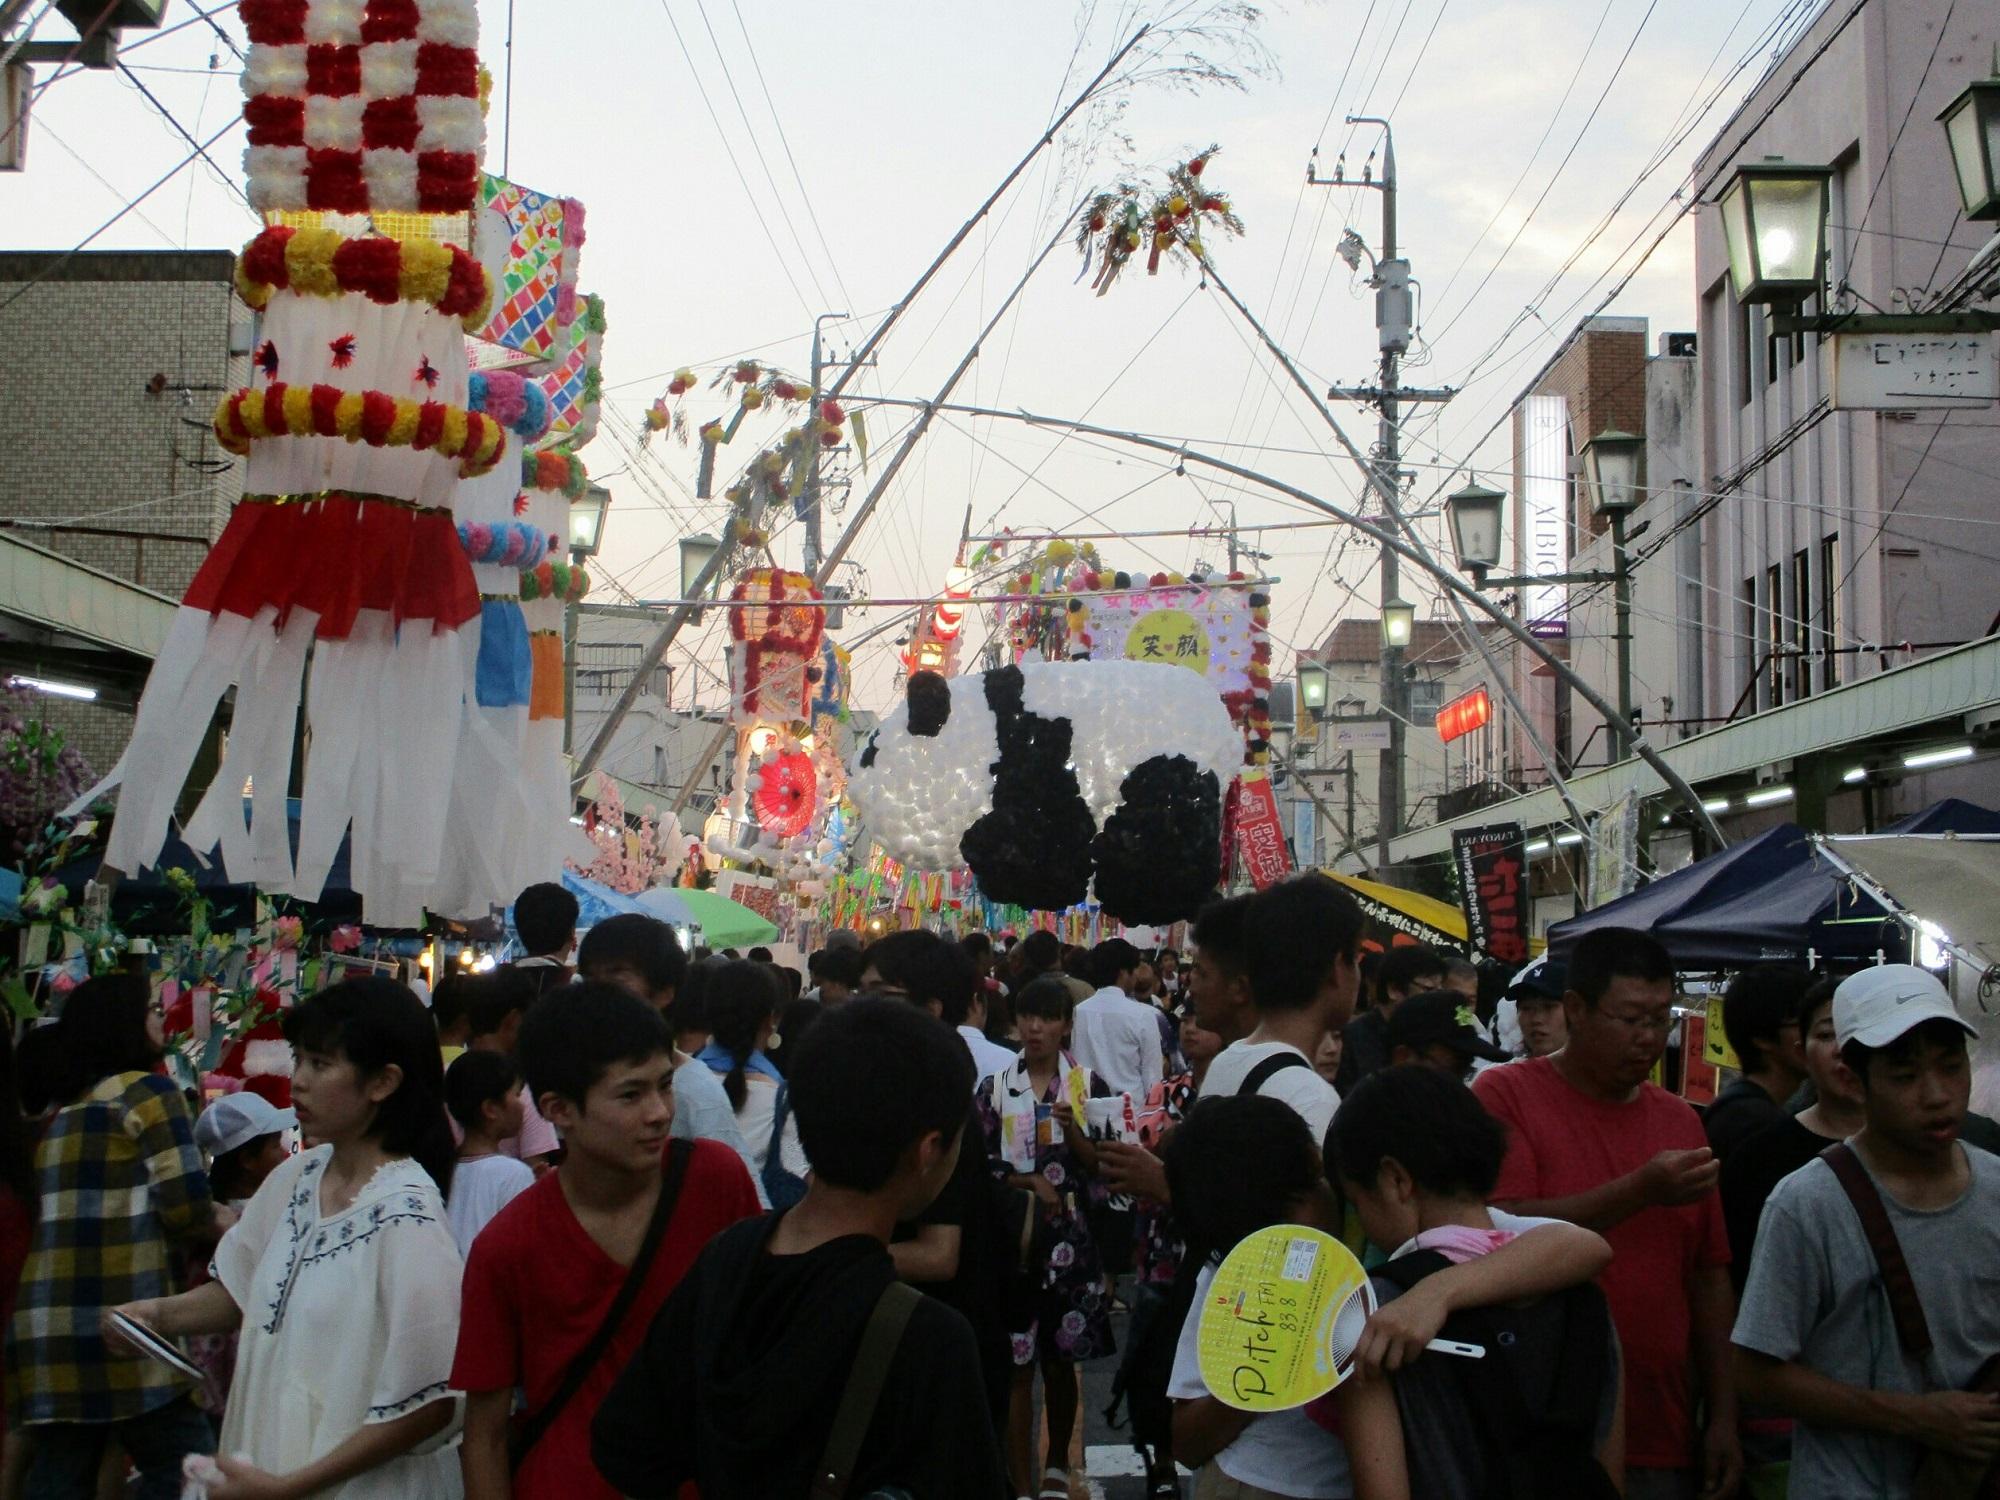 2018.8.4 (10) あんじょうたなばたまつり - 朝日町どおり 2000-1500